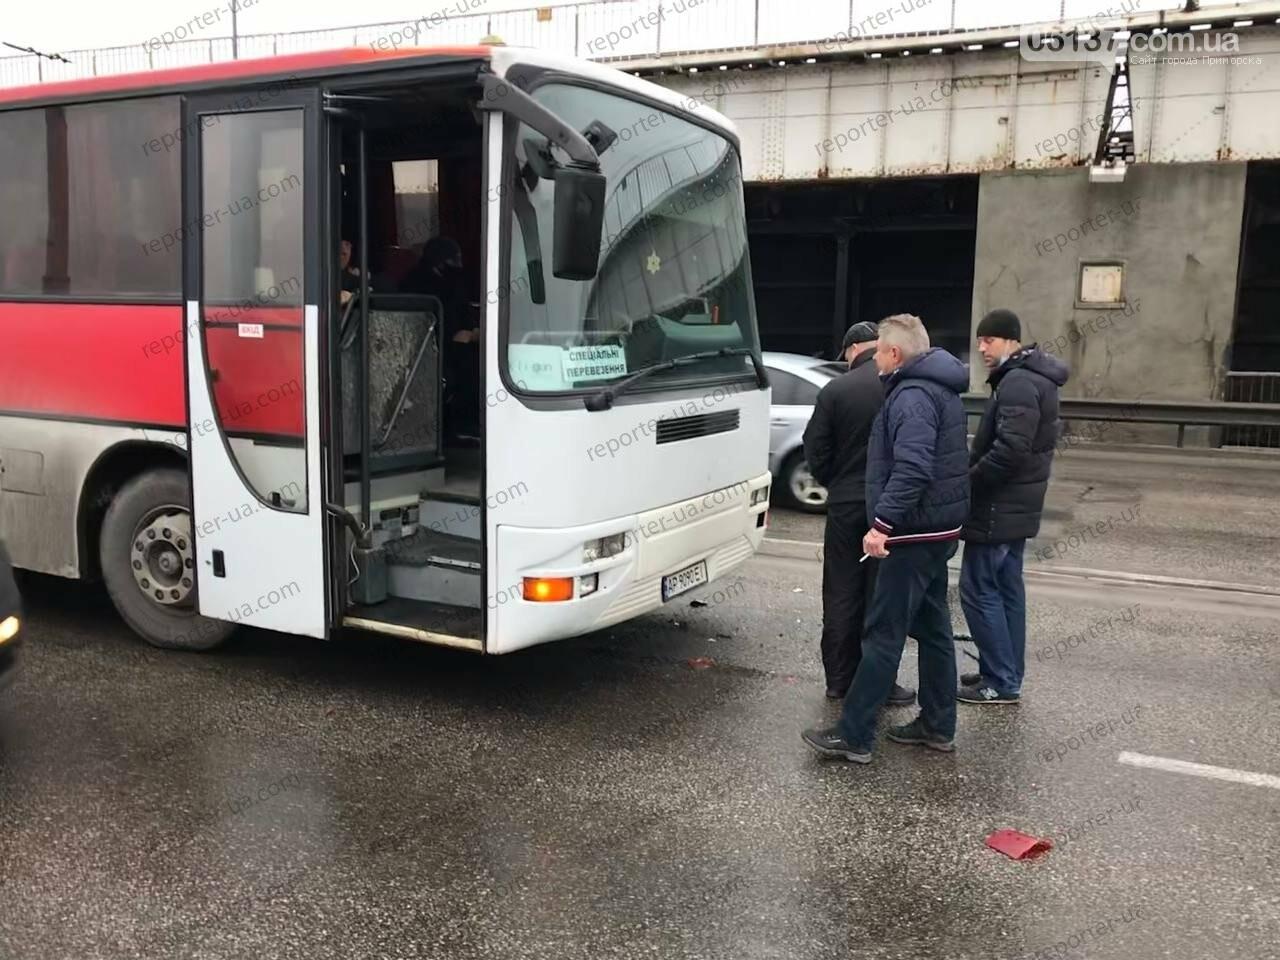 Утренняя авария на запорожской плотине привела к пробке: автобус столкнулся с легковым авто. Фото/Видео, фото-5